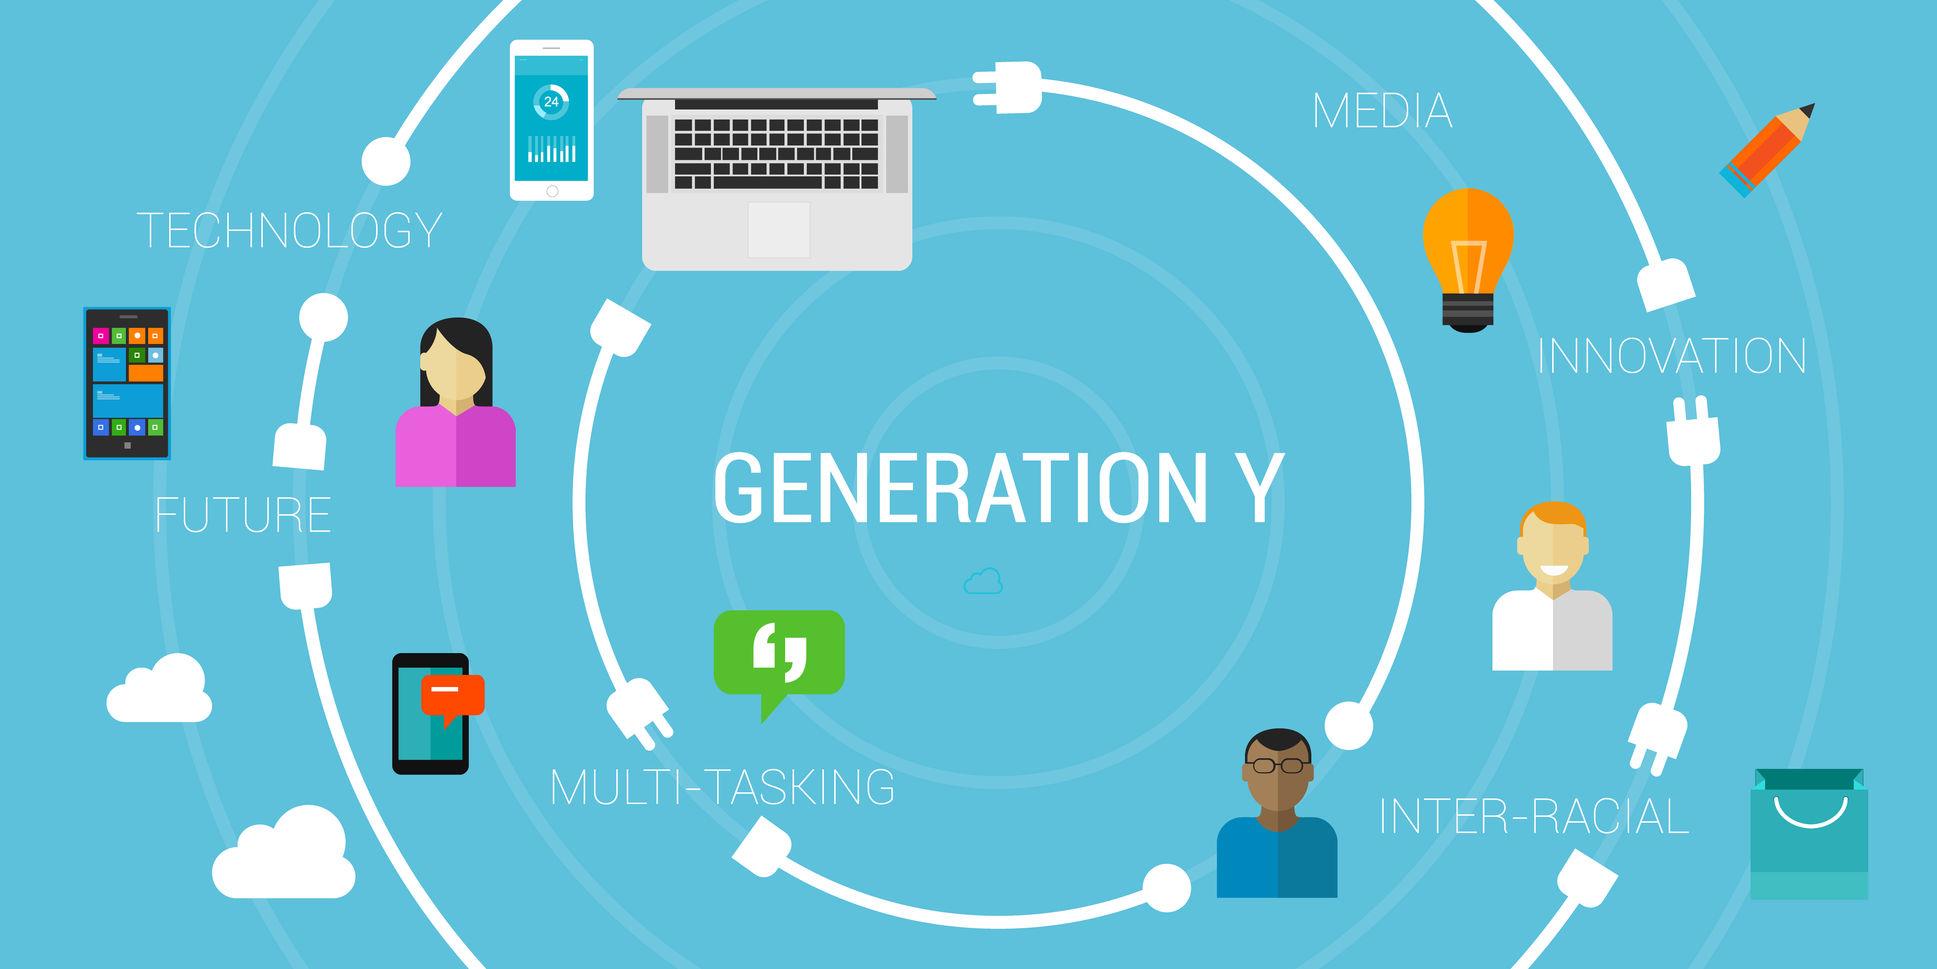 nuevos perfiles consumidores-generacion y